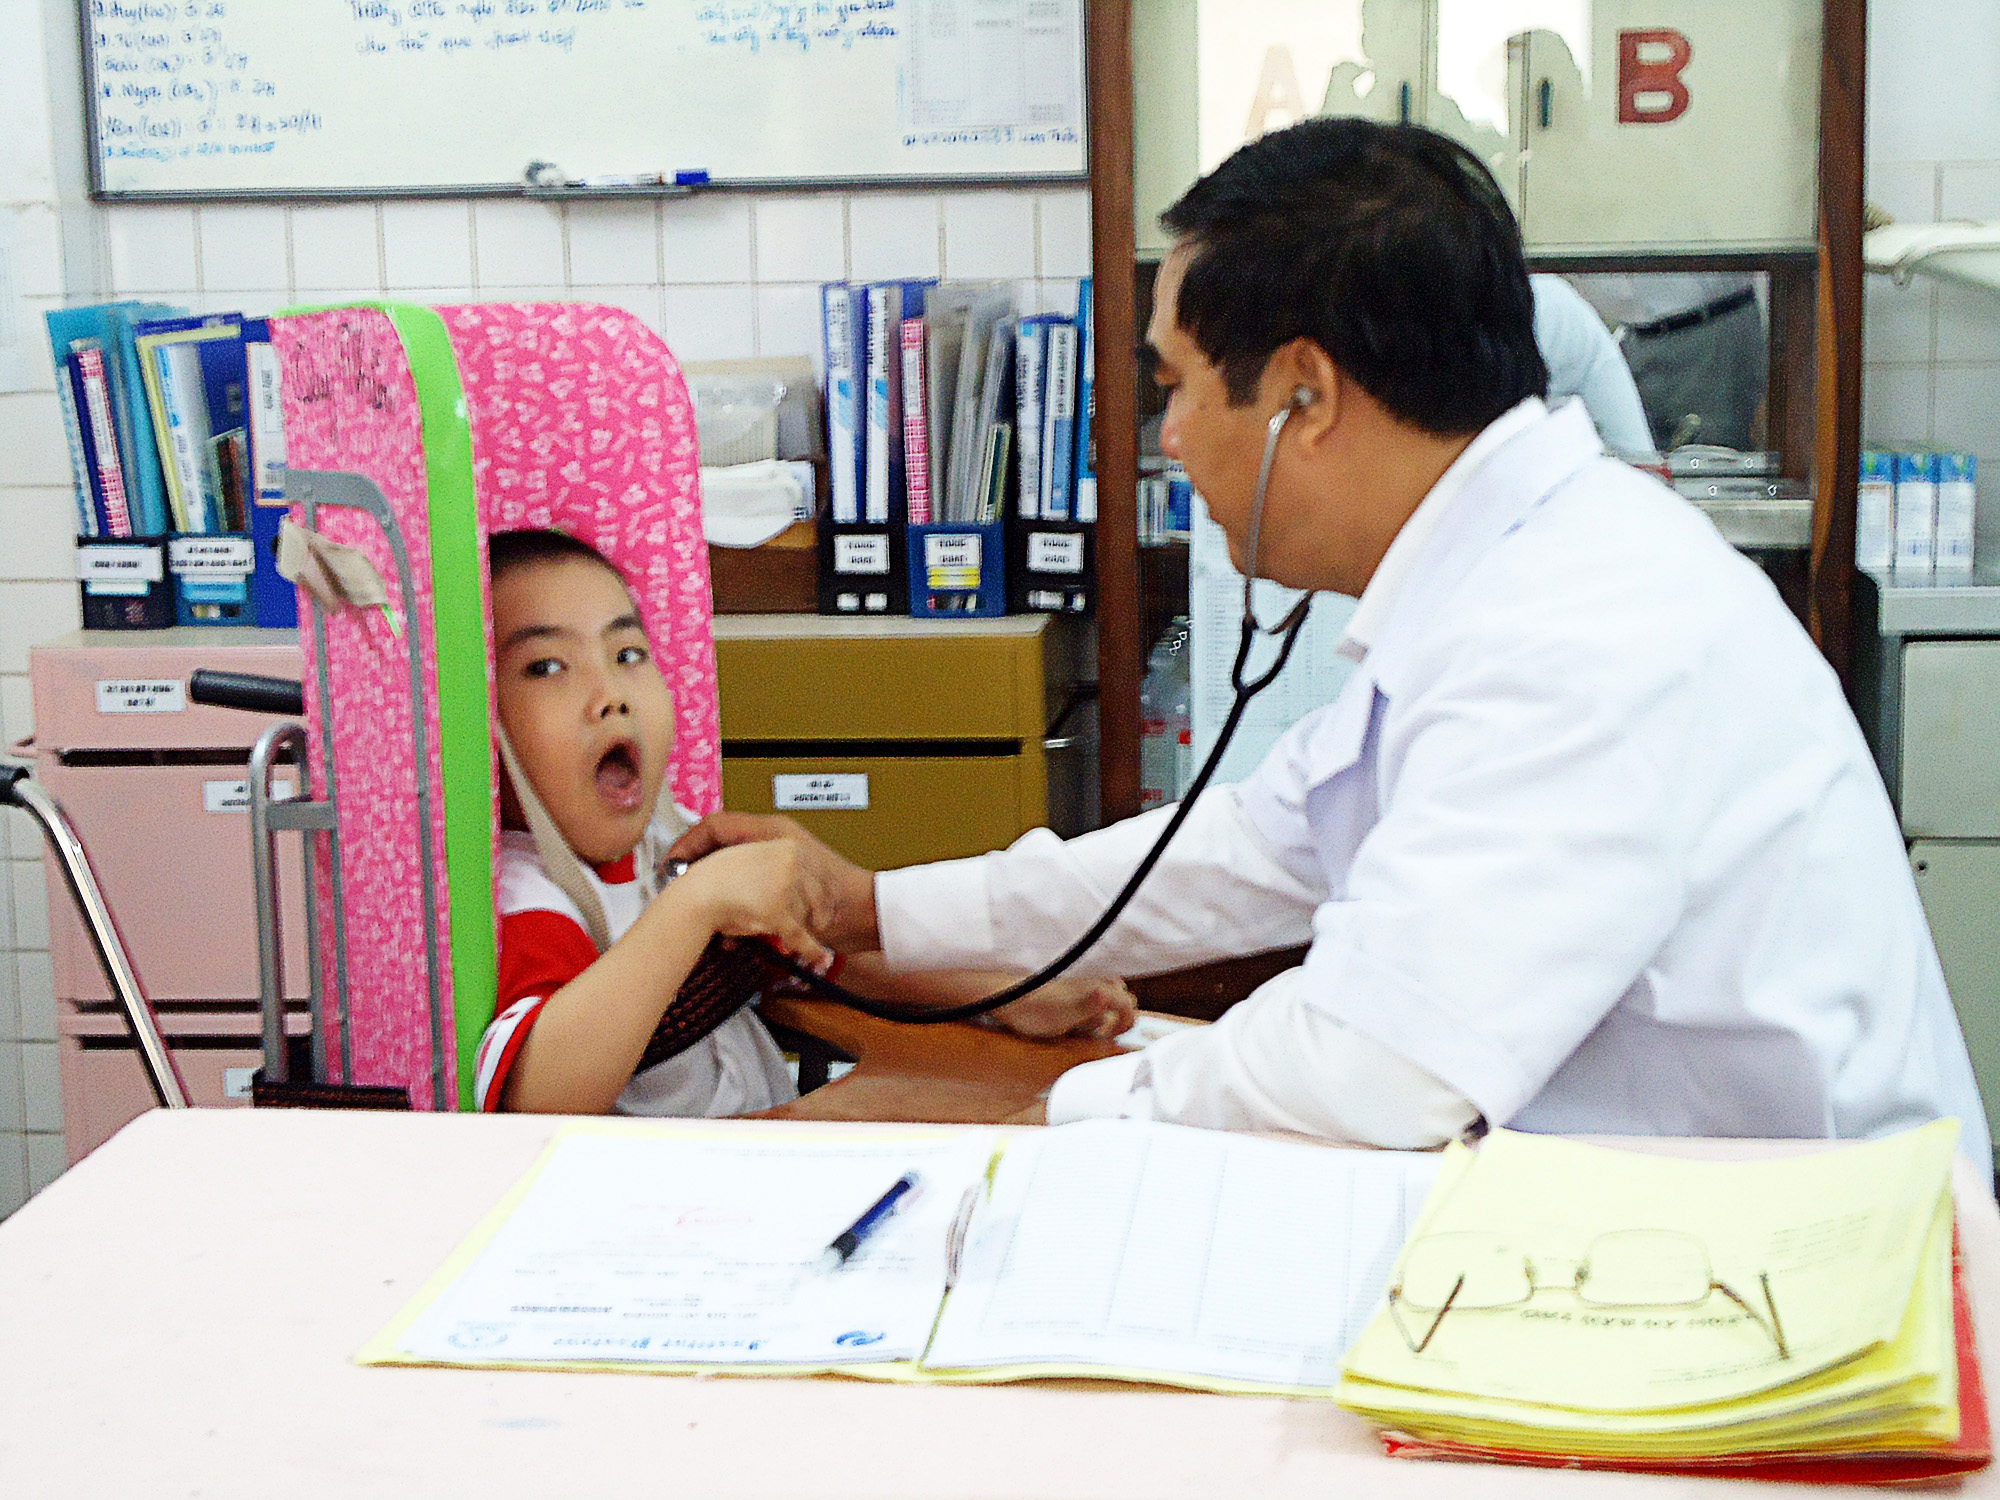 Trung tâm phục hồi chức năng và trợ giúp trẻ tàn tật TPHCM